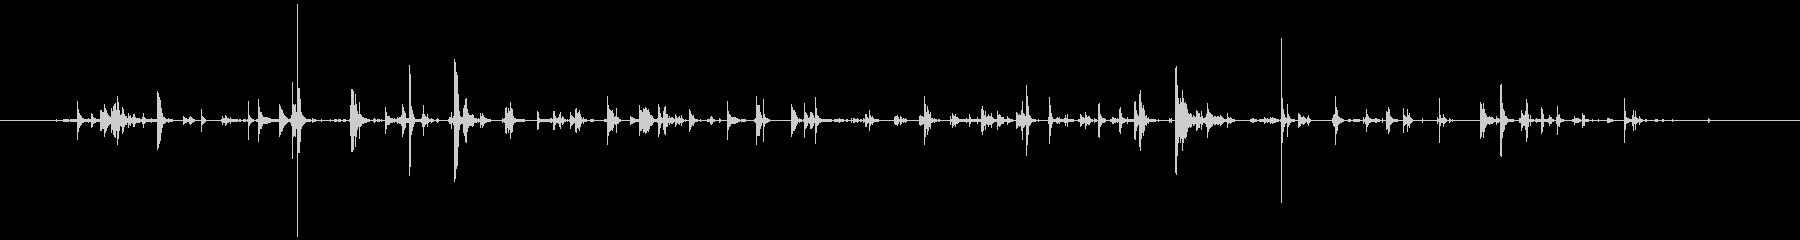 メタルドッグカラー:一定のジングル...の未再生の波形